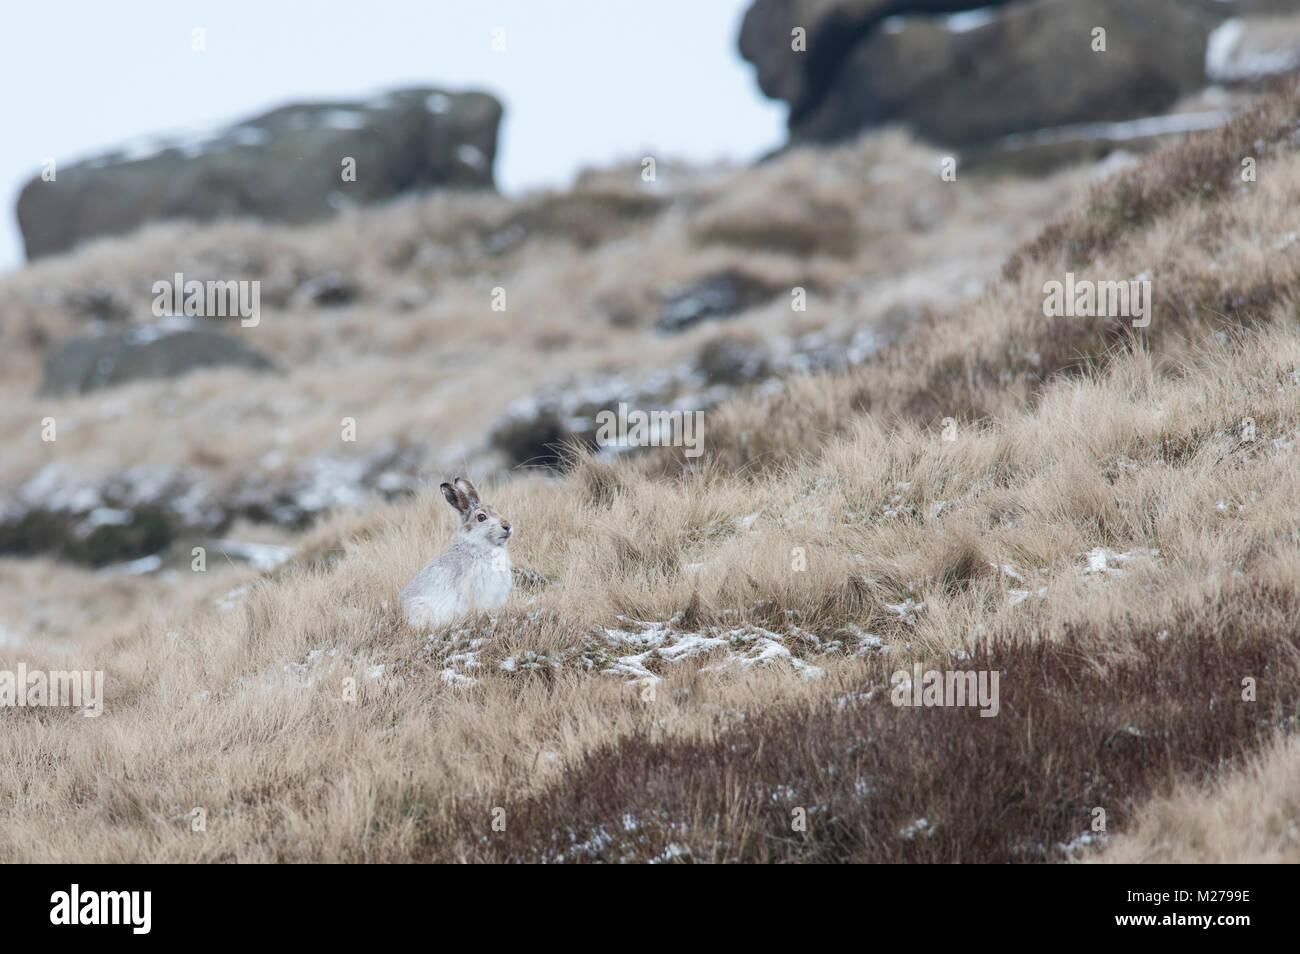 Mountain Liebre Lepus timidus en su abrigo blanco en invierno, con una nevada antecedentes sobre los páramos de la Derbyshire Peak District. Foto de stock